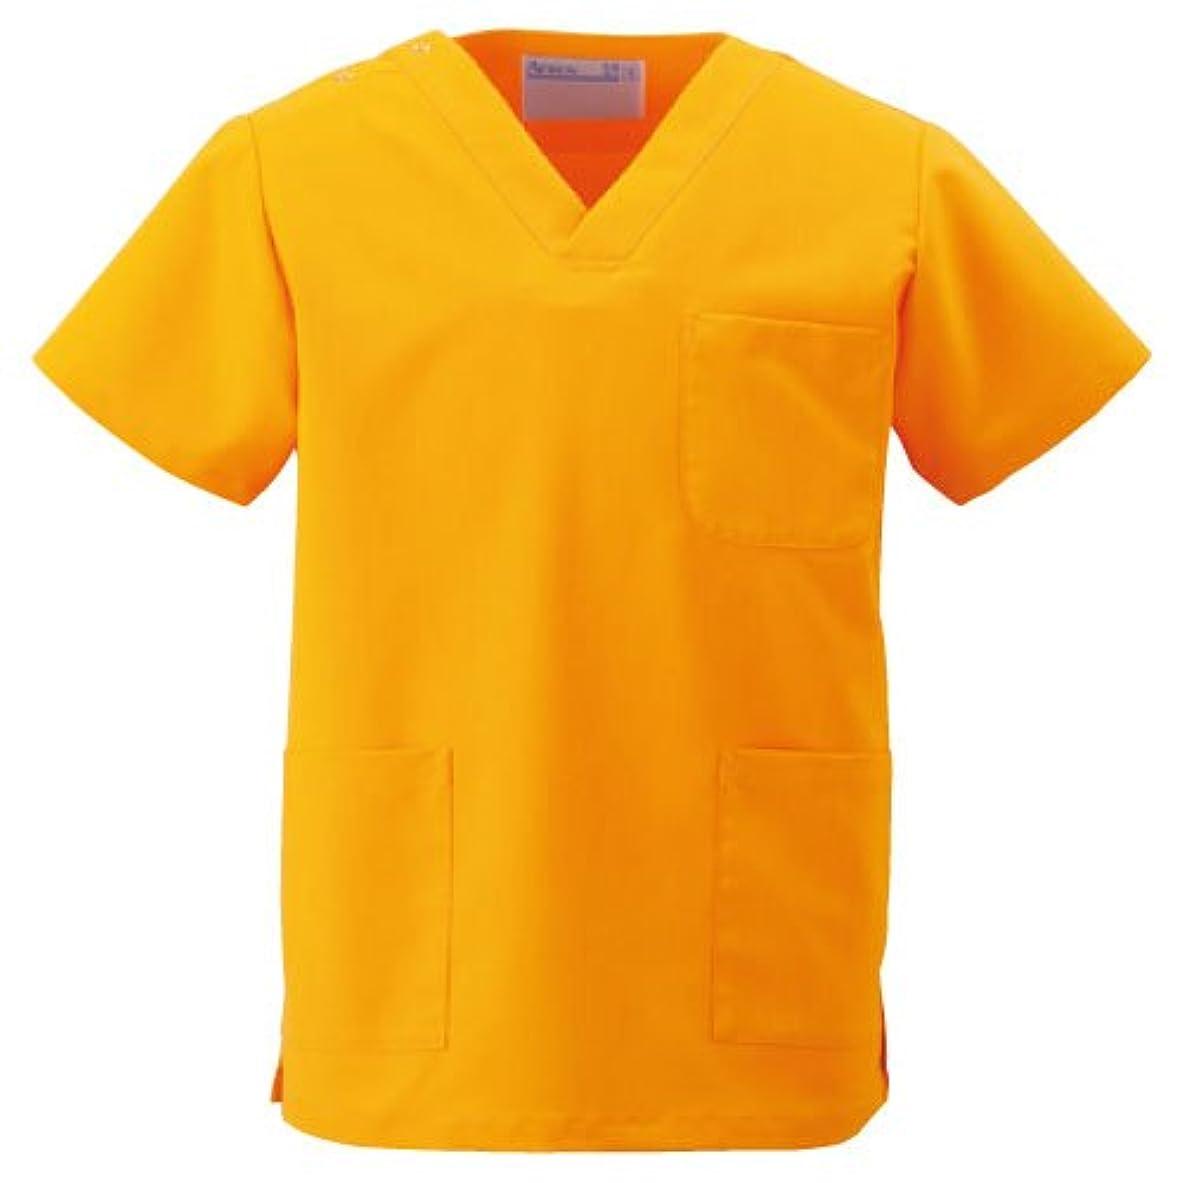 倉庫バックレーダー医療ユニフォーム 手術衣  スクラブ(男女兼用) KAZEN オレンジ サイズ:L  133-84